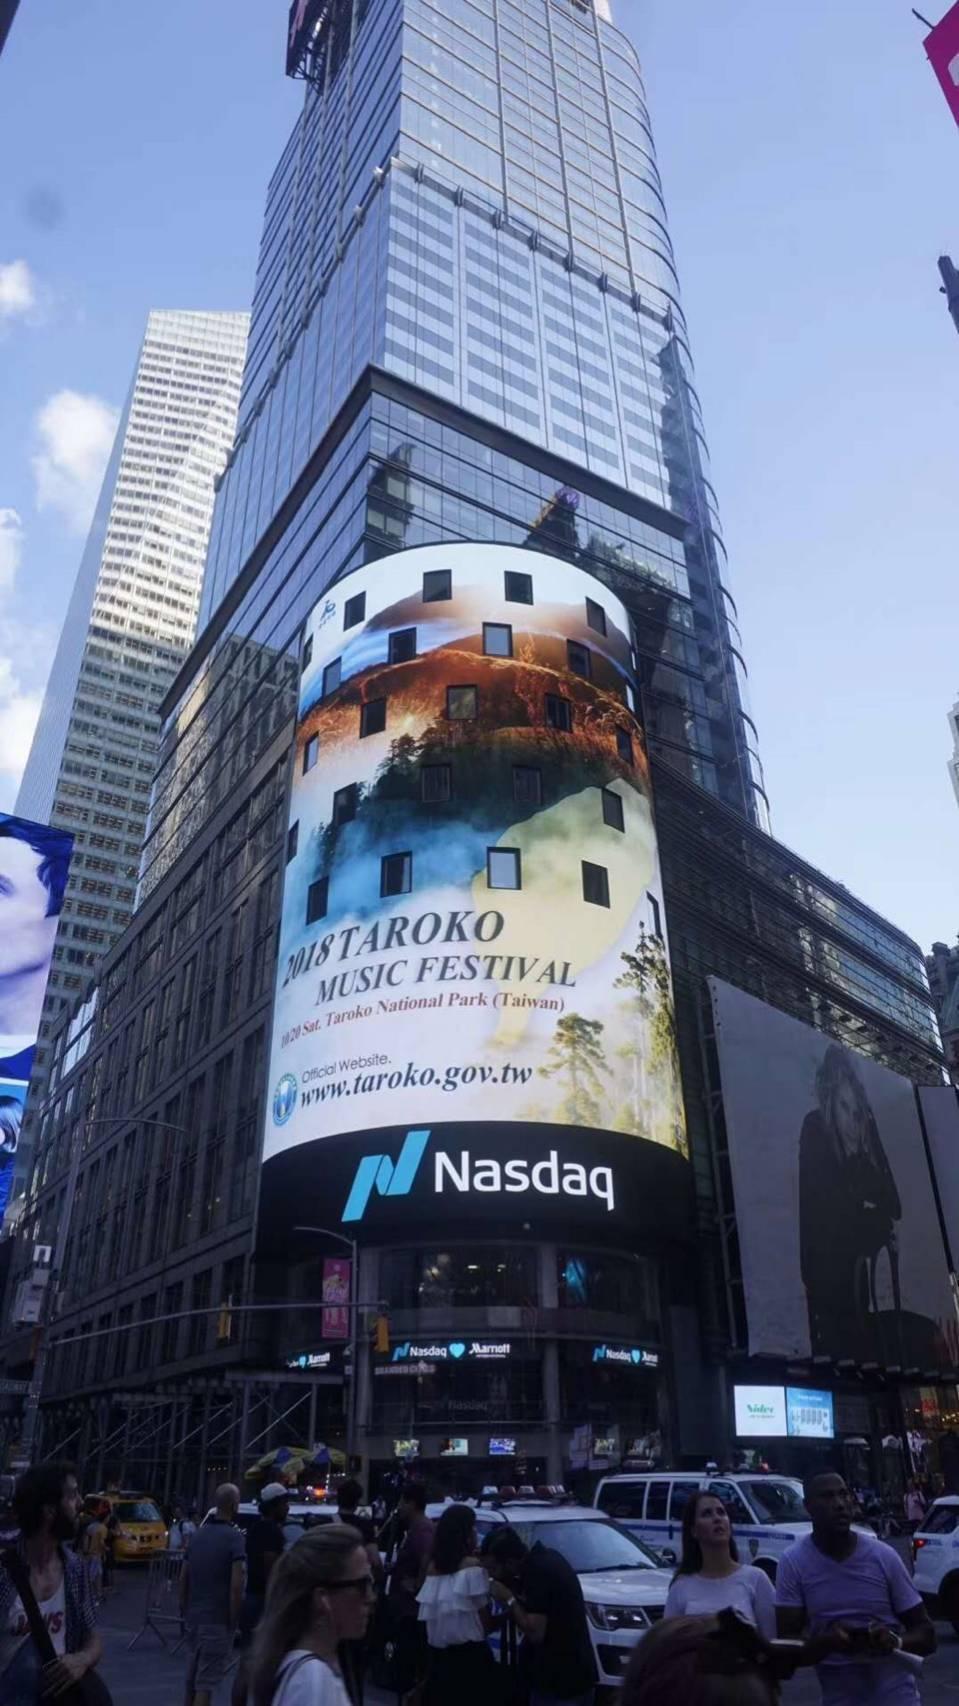 太魯閣峽谷音樂節登上美國紐約時代廣場的那斯達克證券交易所大樓電視牆。圖/太管處提...